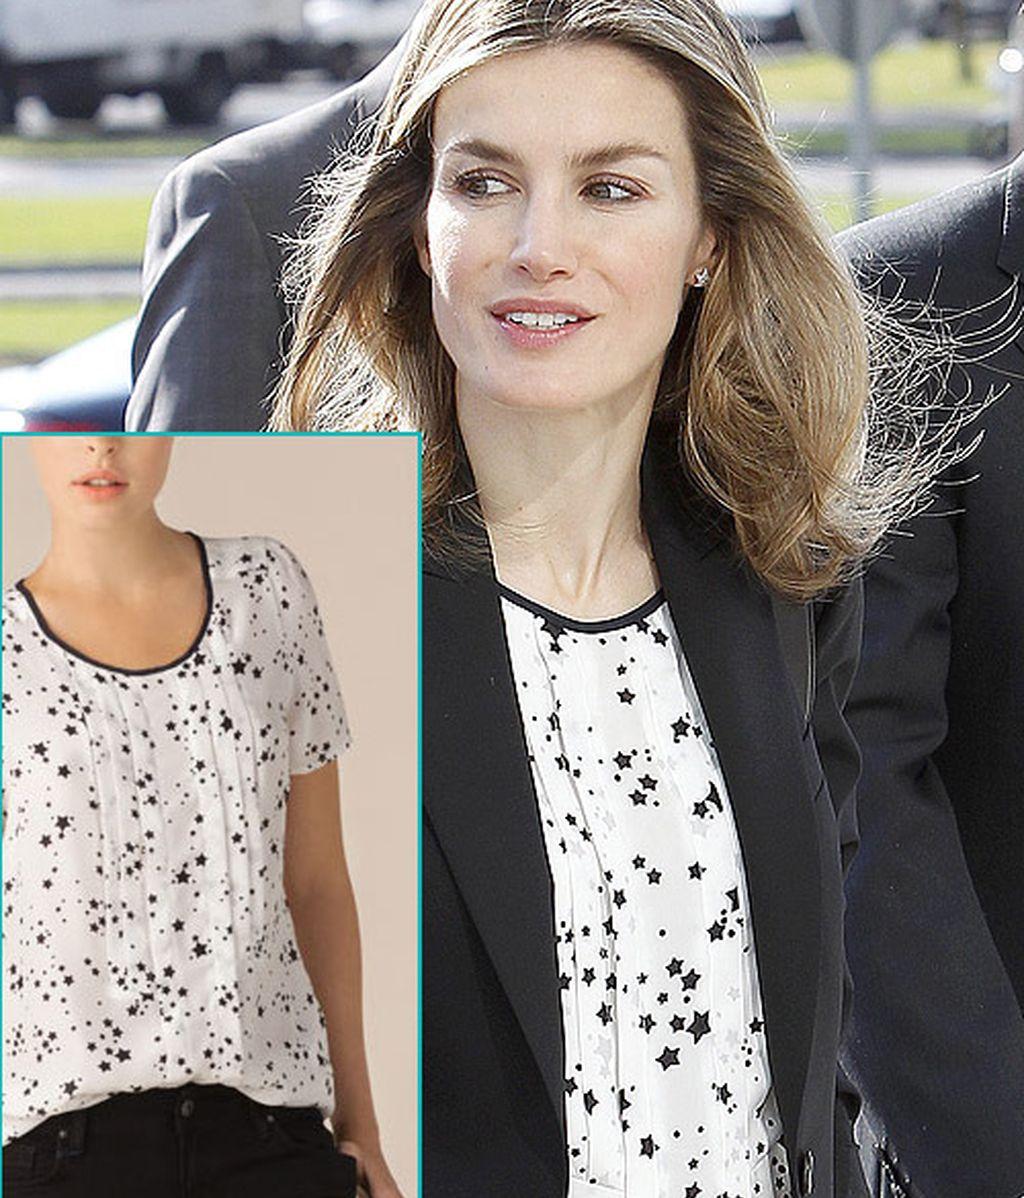 Se veía venir: Letizia Ortiz se pone una camisa con estampado de estrellas